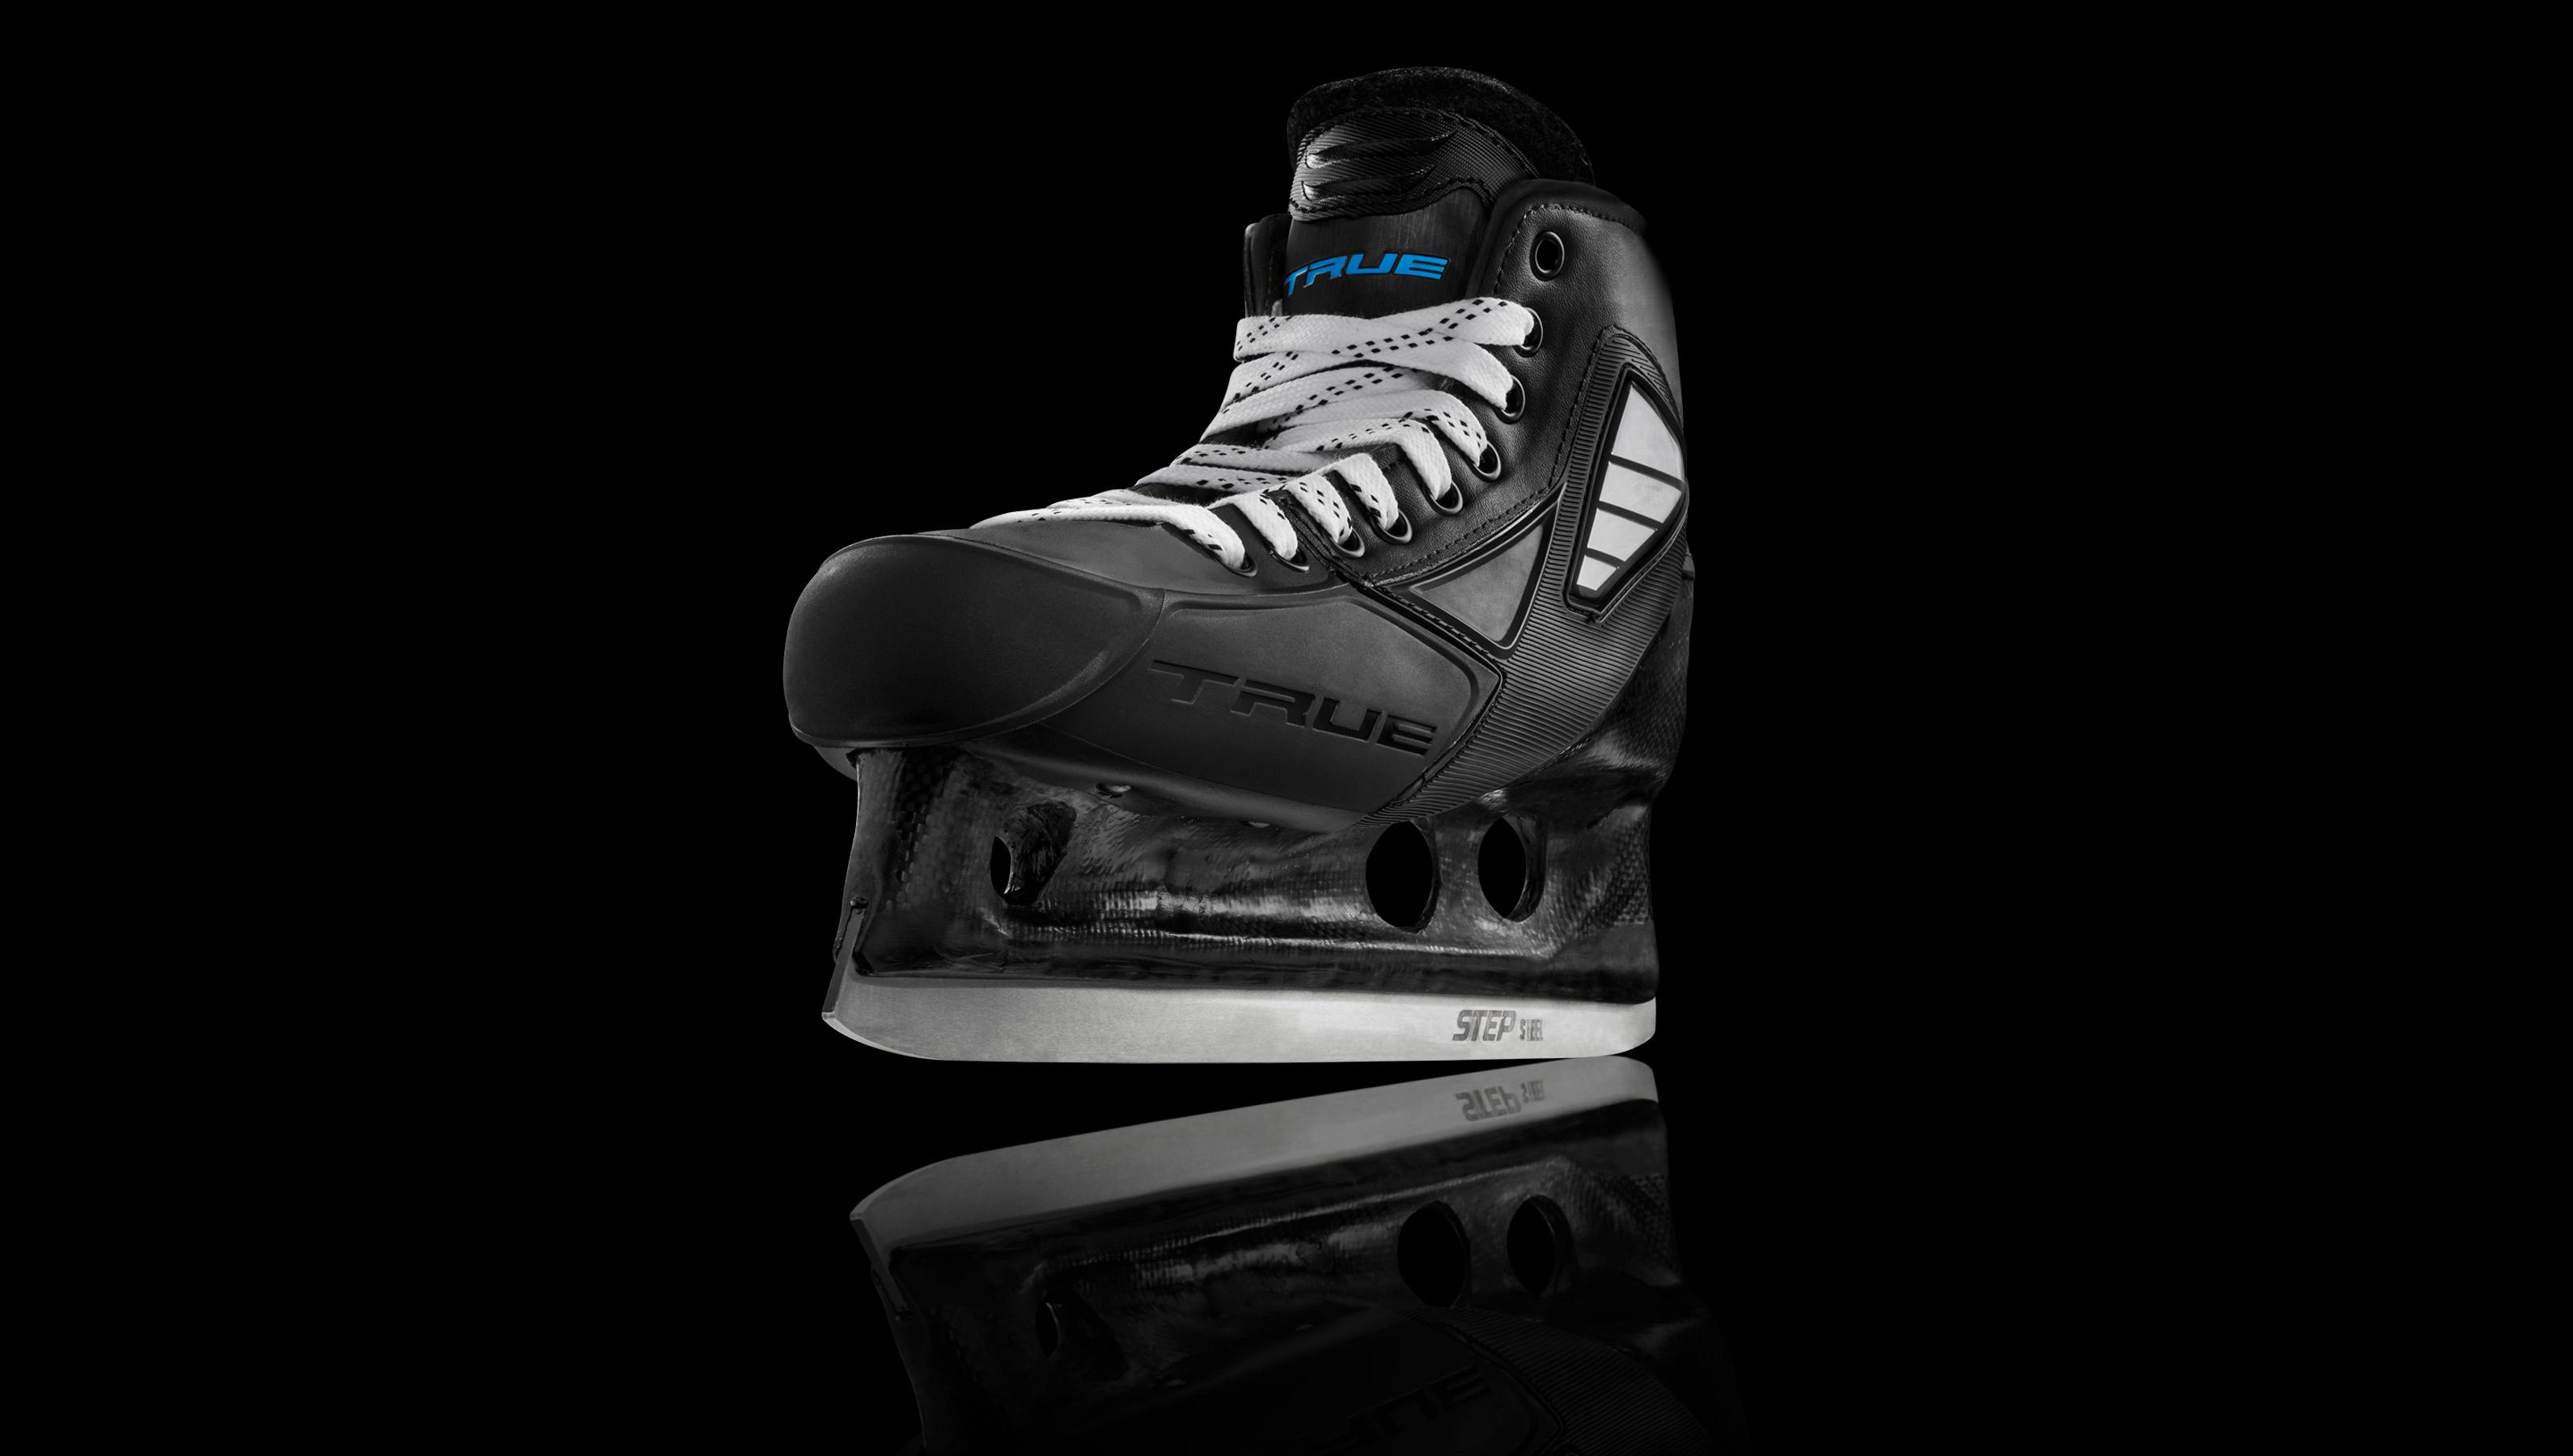 true goalie skates 1